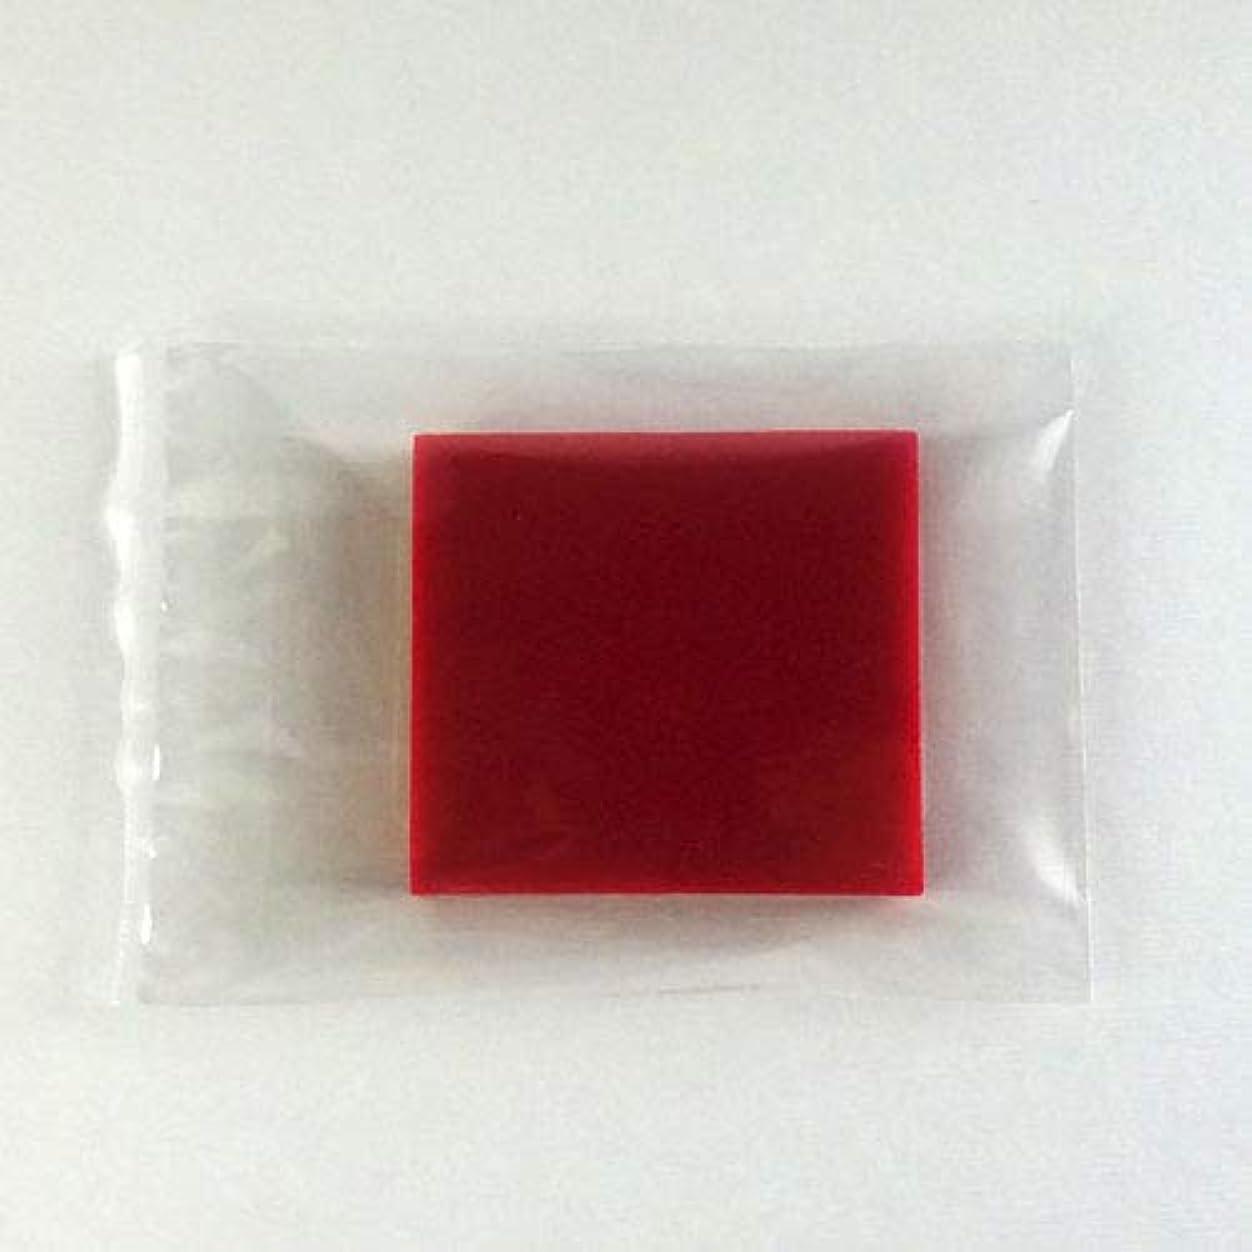 おめでとう養うチキングリセリンソープ MPソープ 色チップ 赤(レッド) 120g(30g x 4pc)